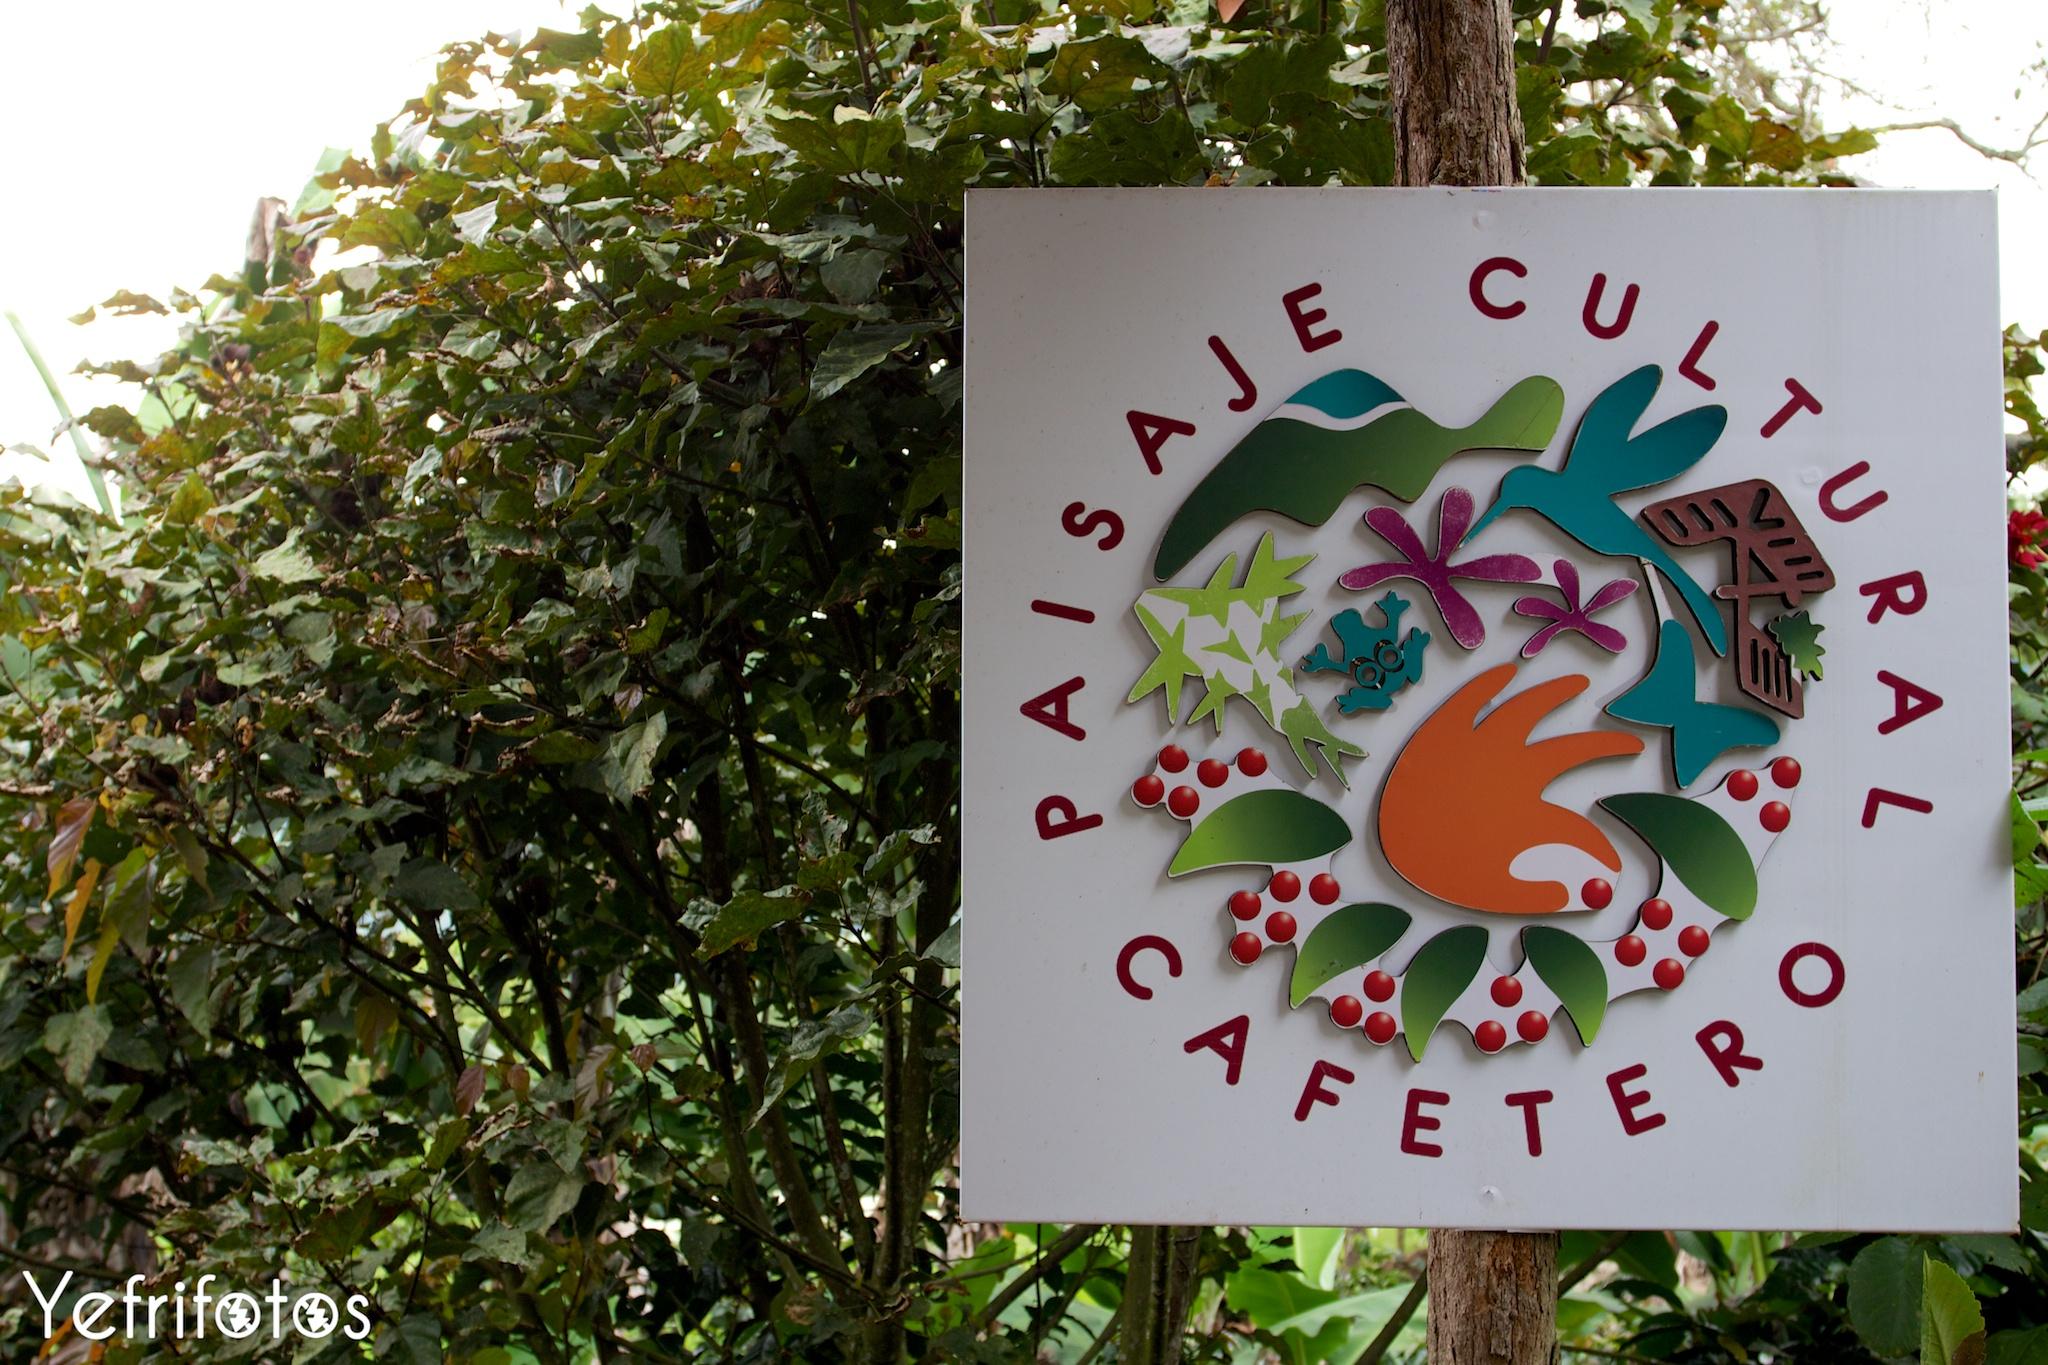 Colombie - Paisaje Cultural Cafetero